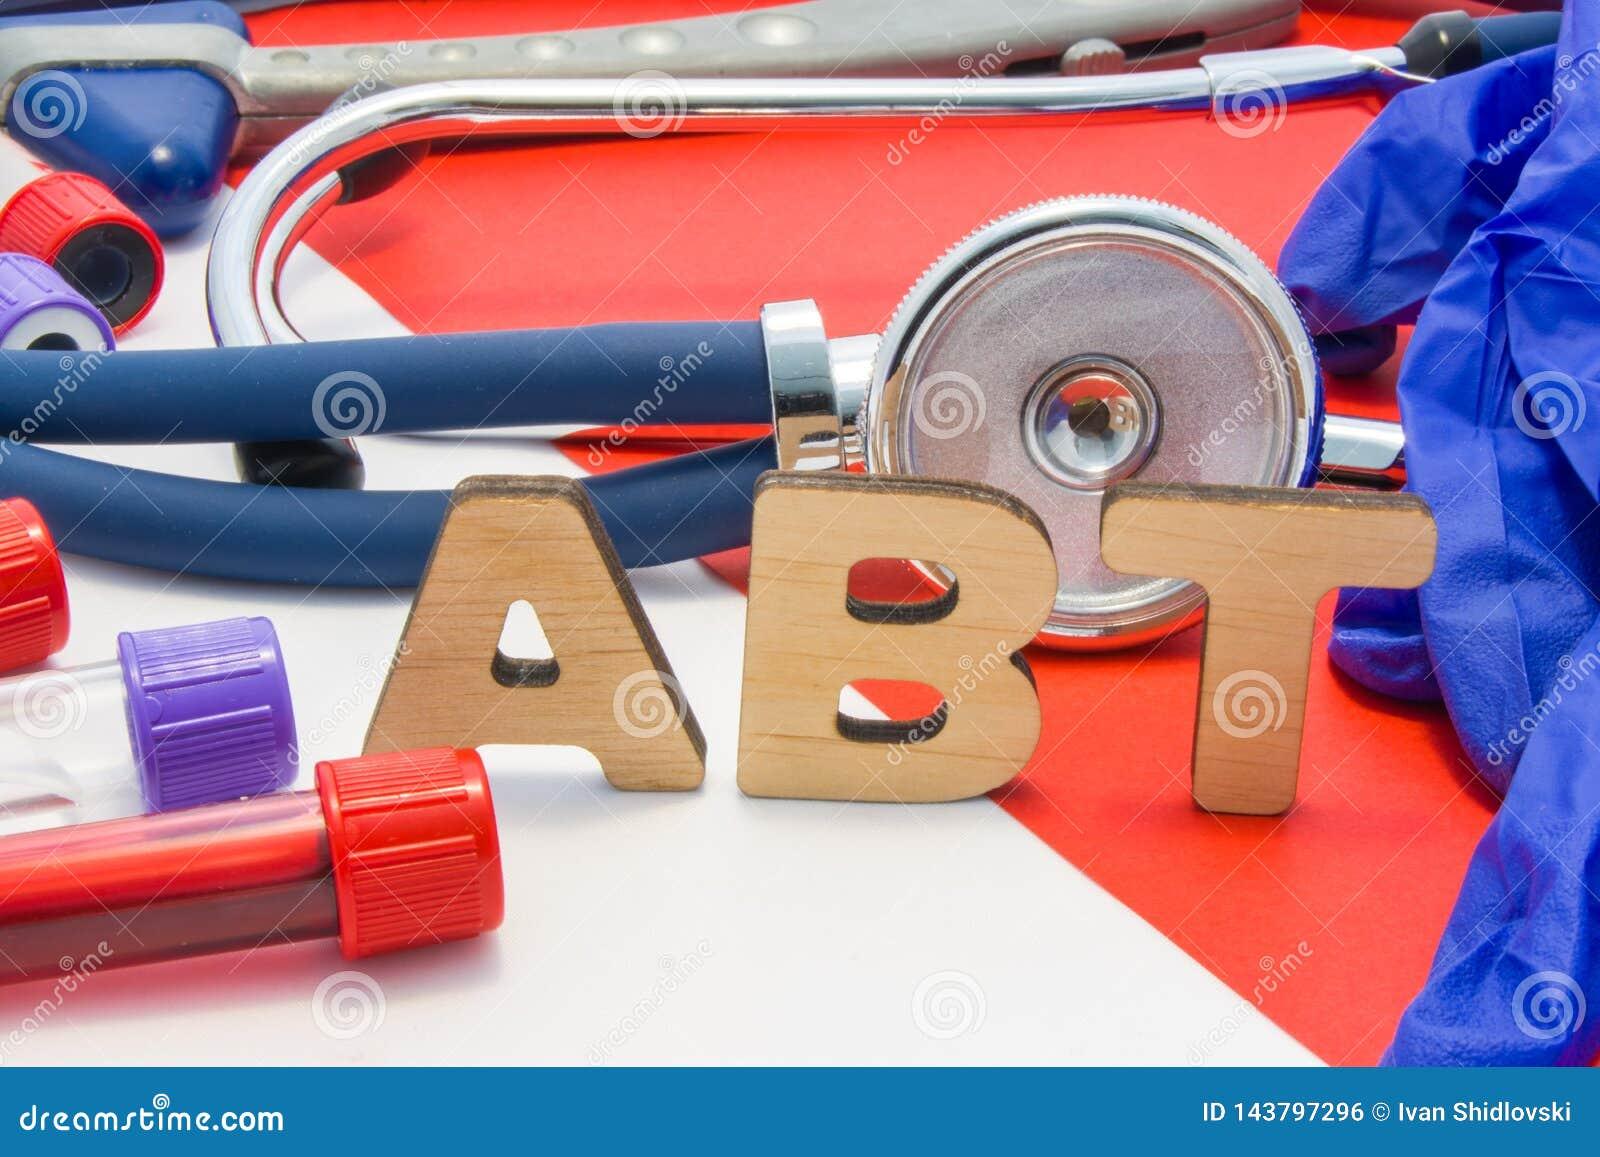 ABT skr?tu znaczenia niwecznika medyczny titer w krwi w laboranckich diagnostykach na czerwonym tle Substancji chemicznej imi? AB